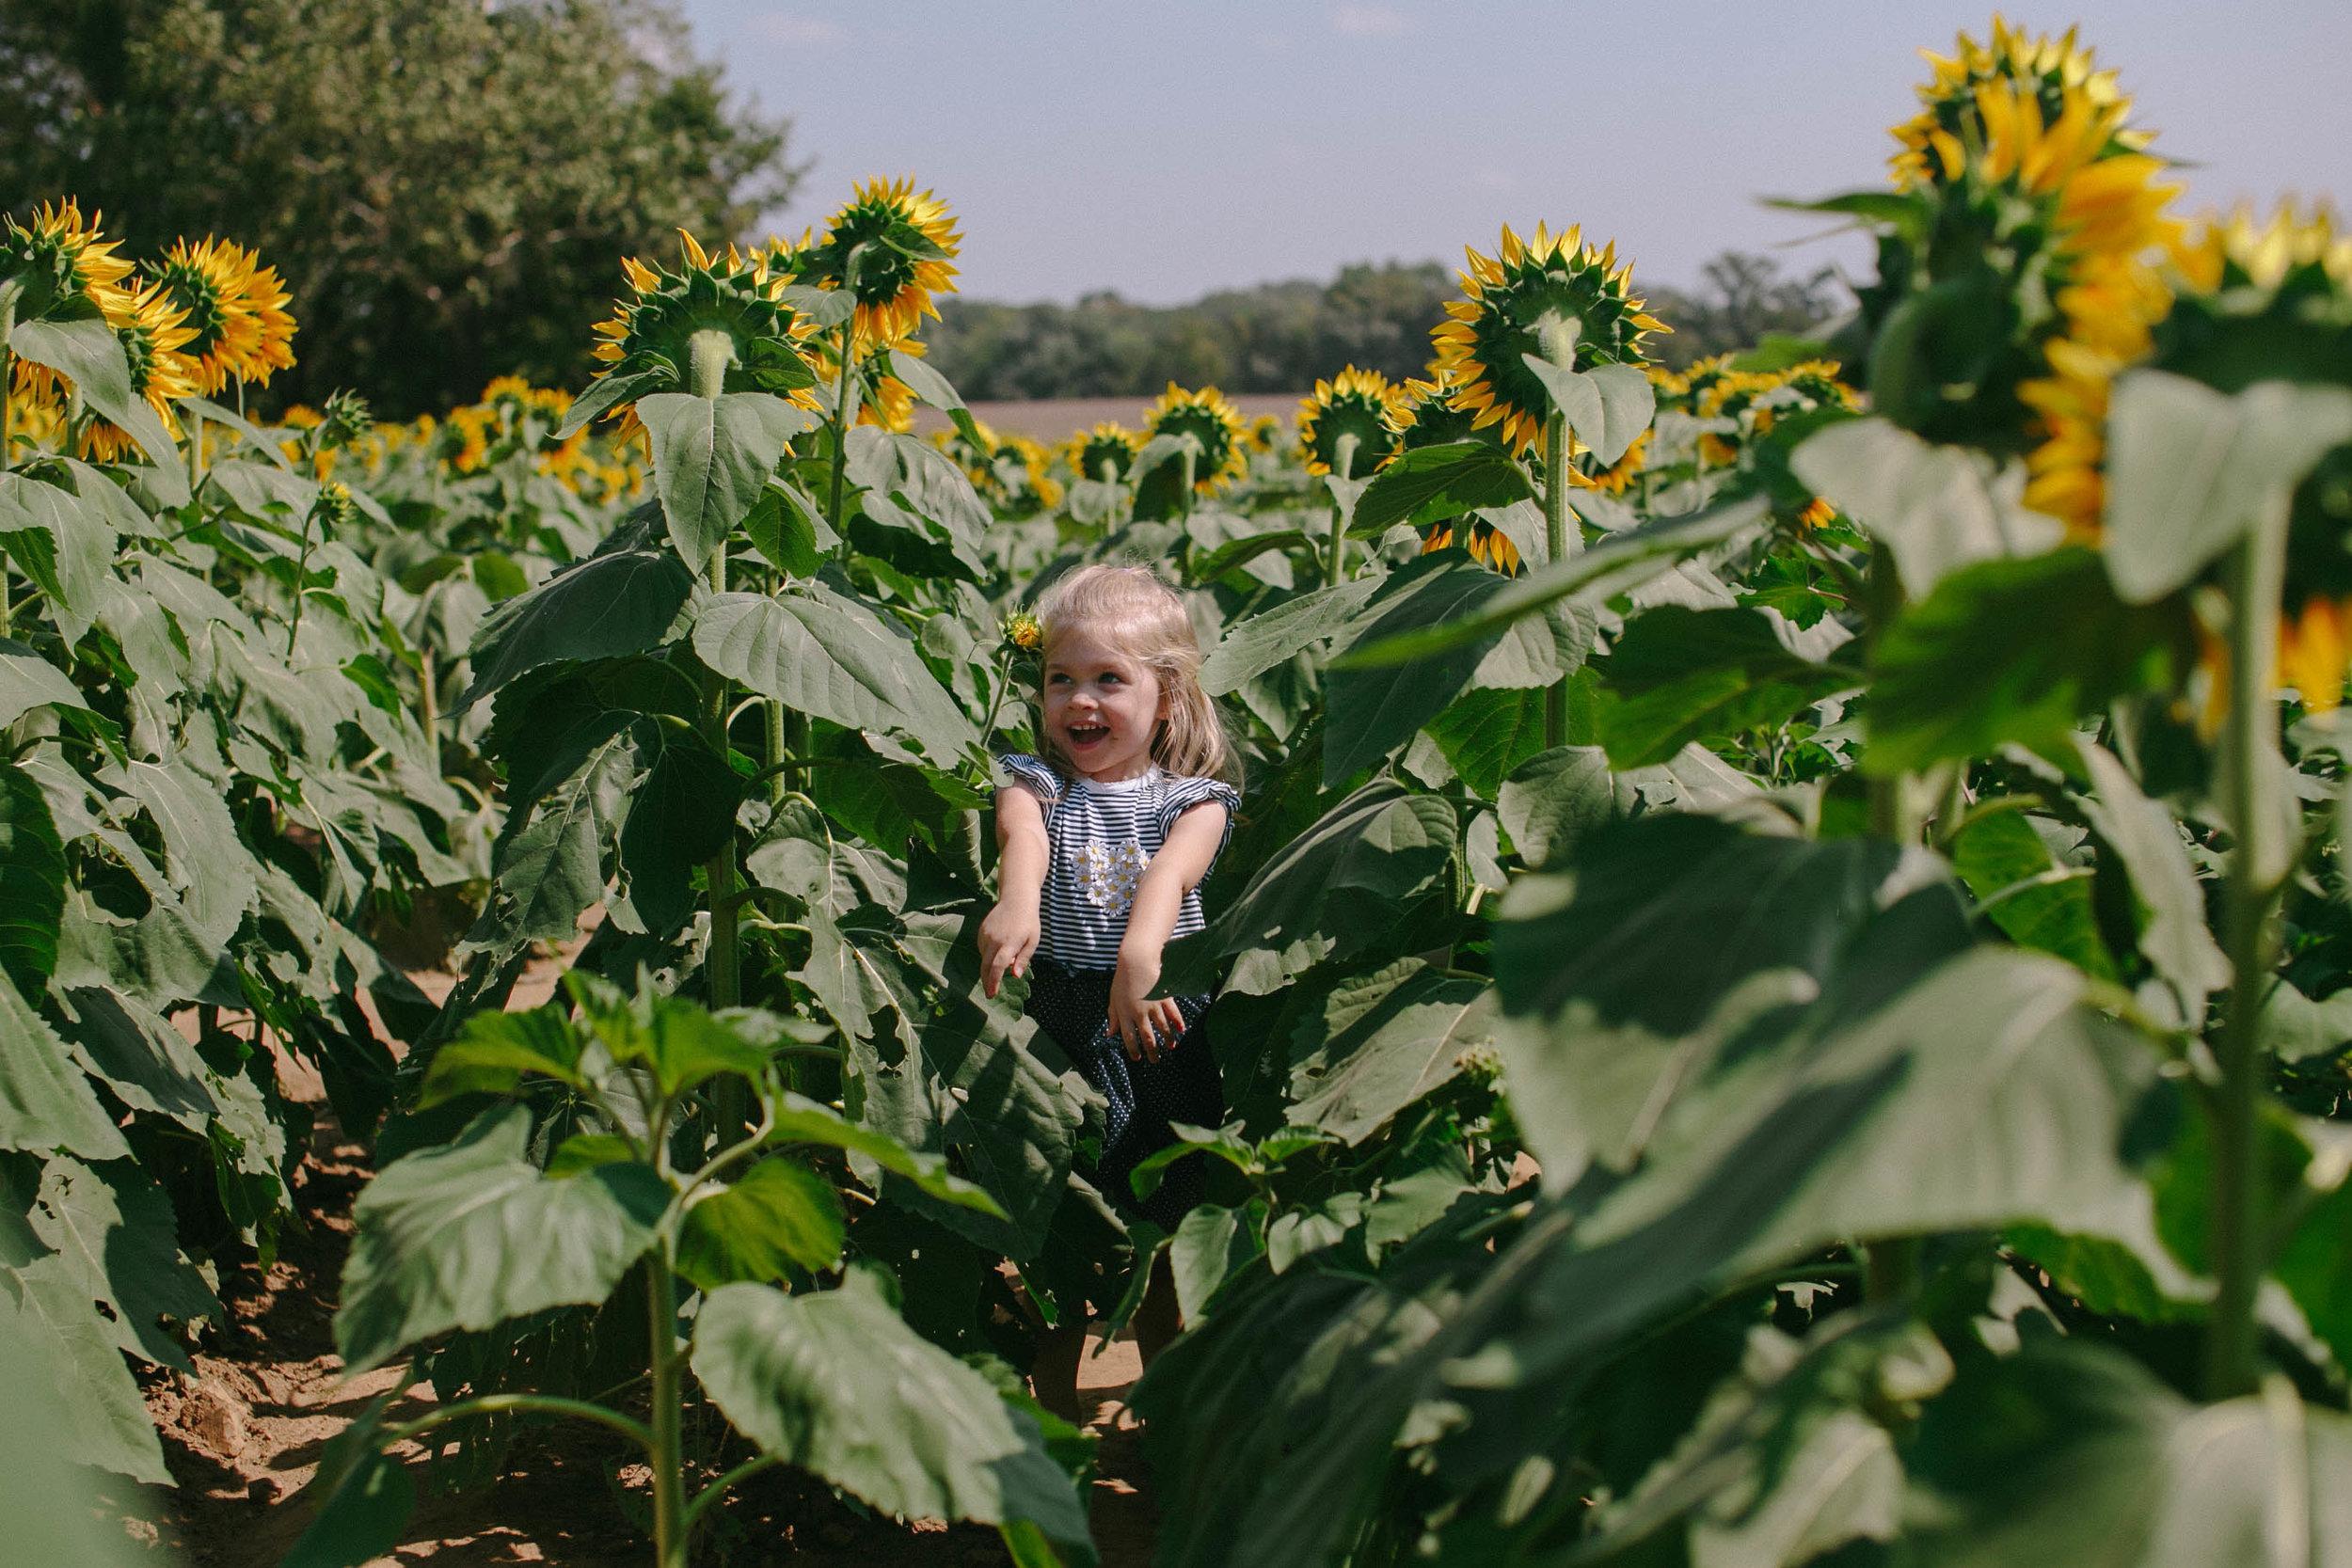 Destigter Family | Sunflowers 2016 | Hannahill Photography | Kansas City, MO